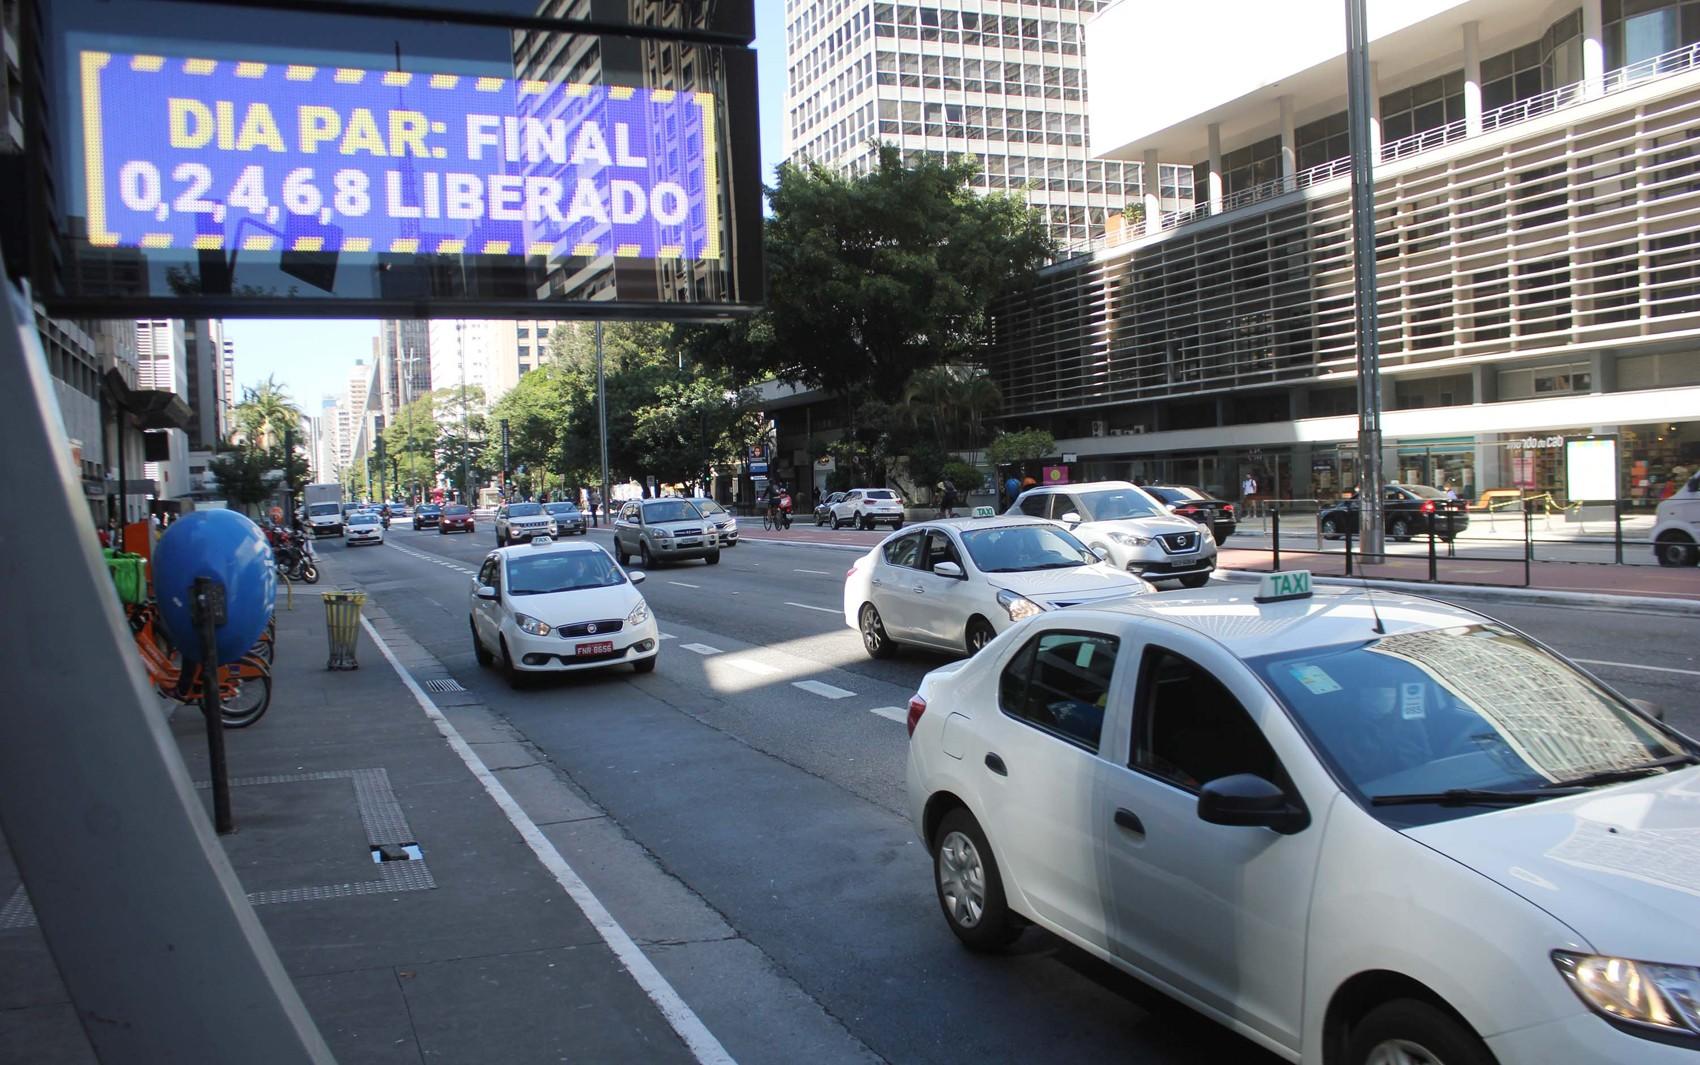 Justiça exclui responsável por cartório de rodízio ampliado imposto pela Prefeitura contra Covid-19 em SP